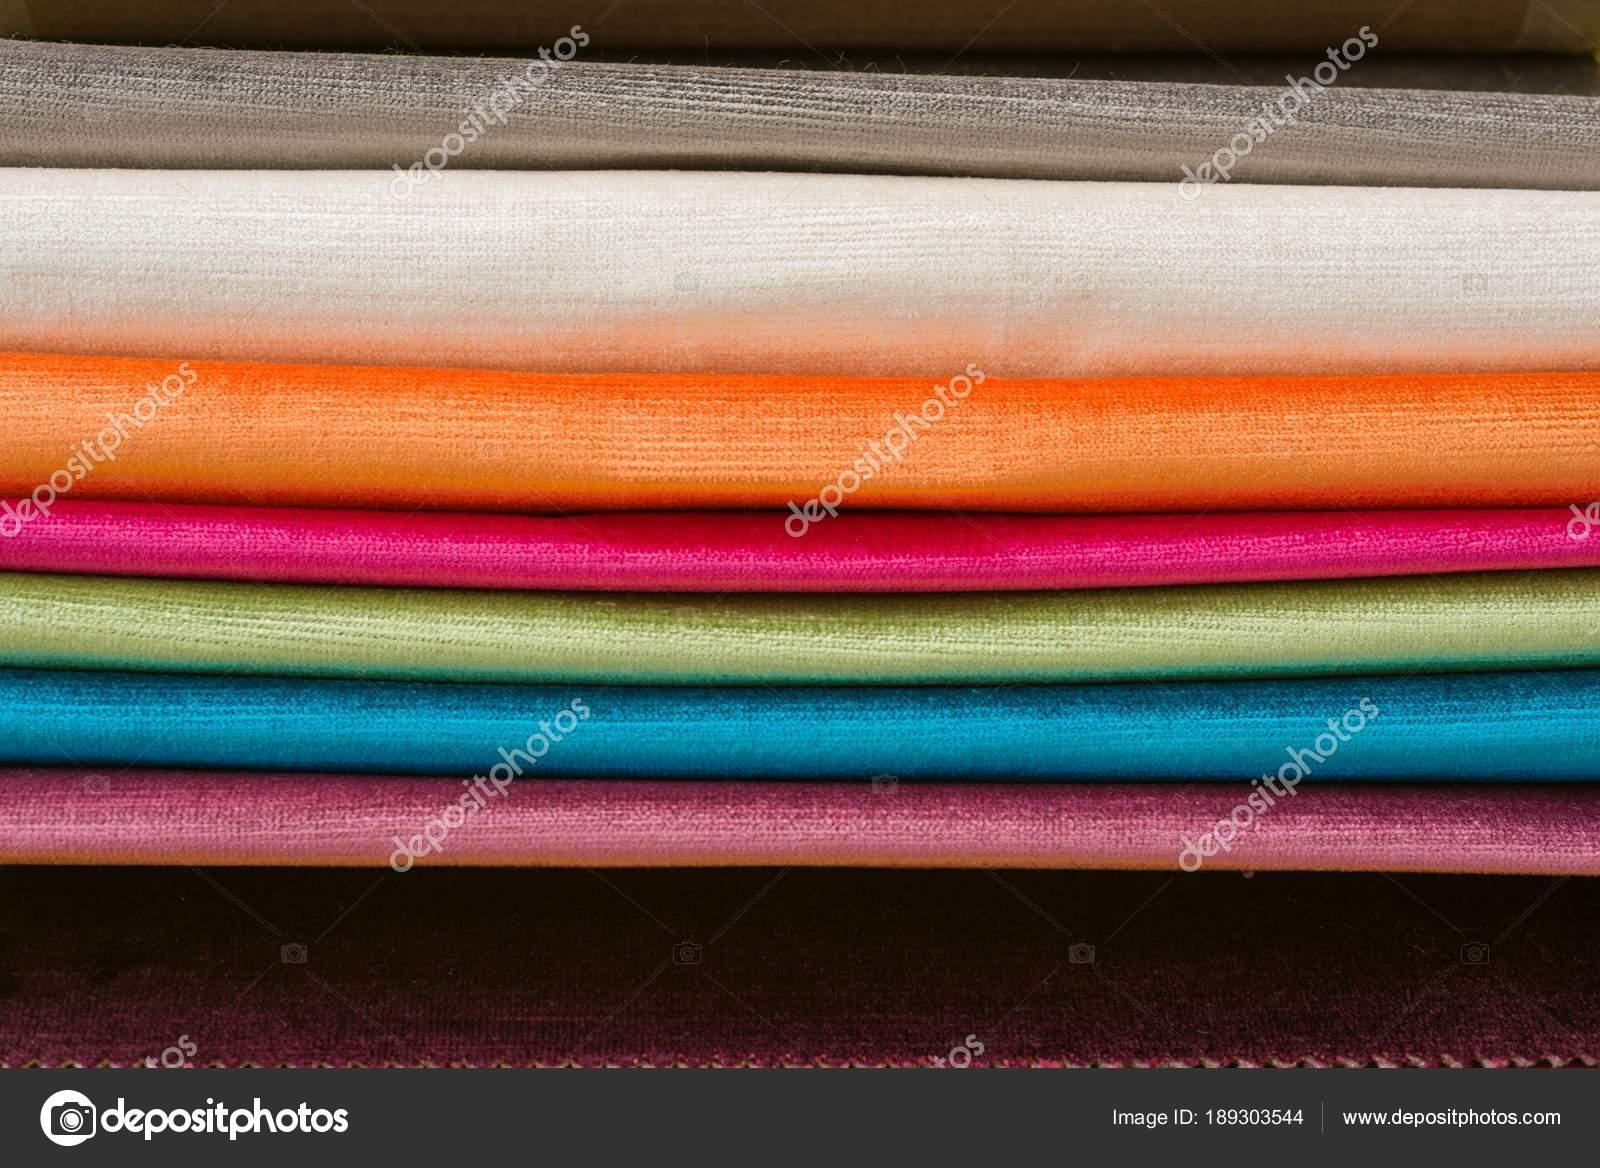 monsters van kleurrijke interieur stoffen boek van stoffen voor gordijnen bekleding stockfoto